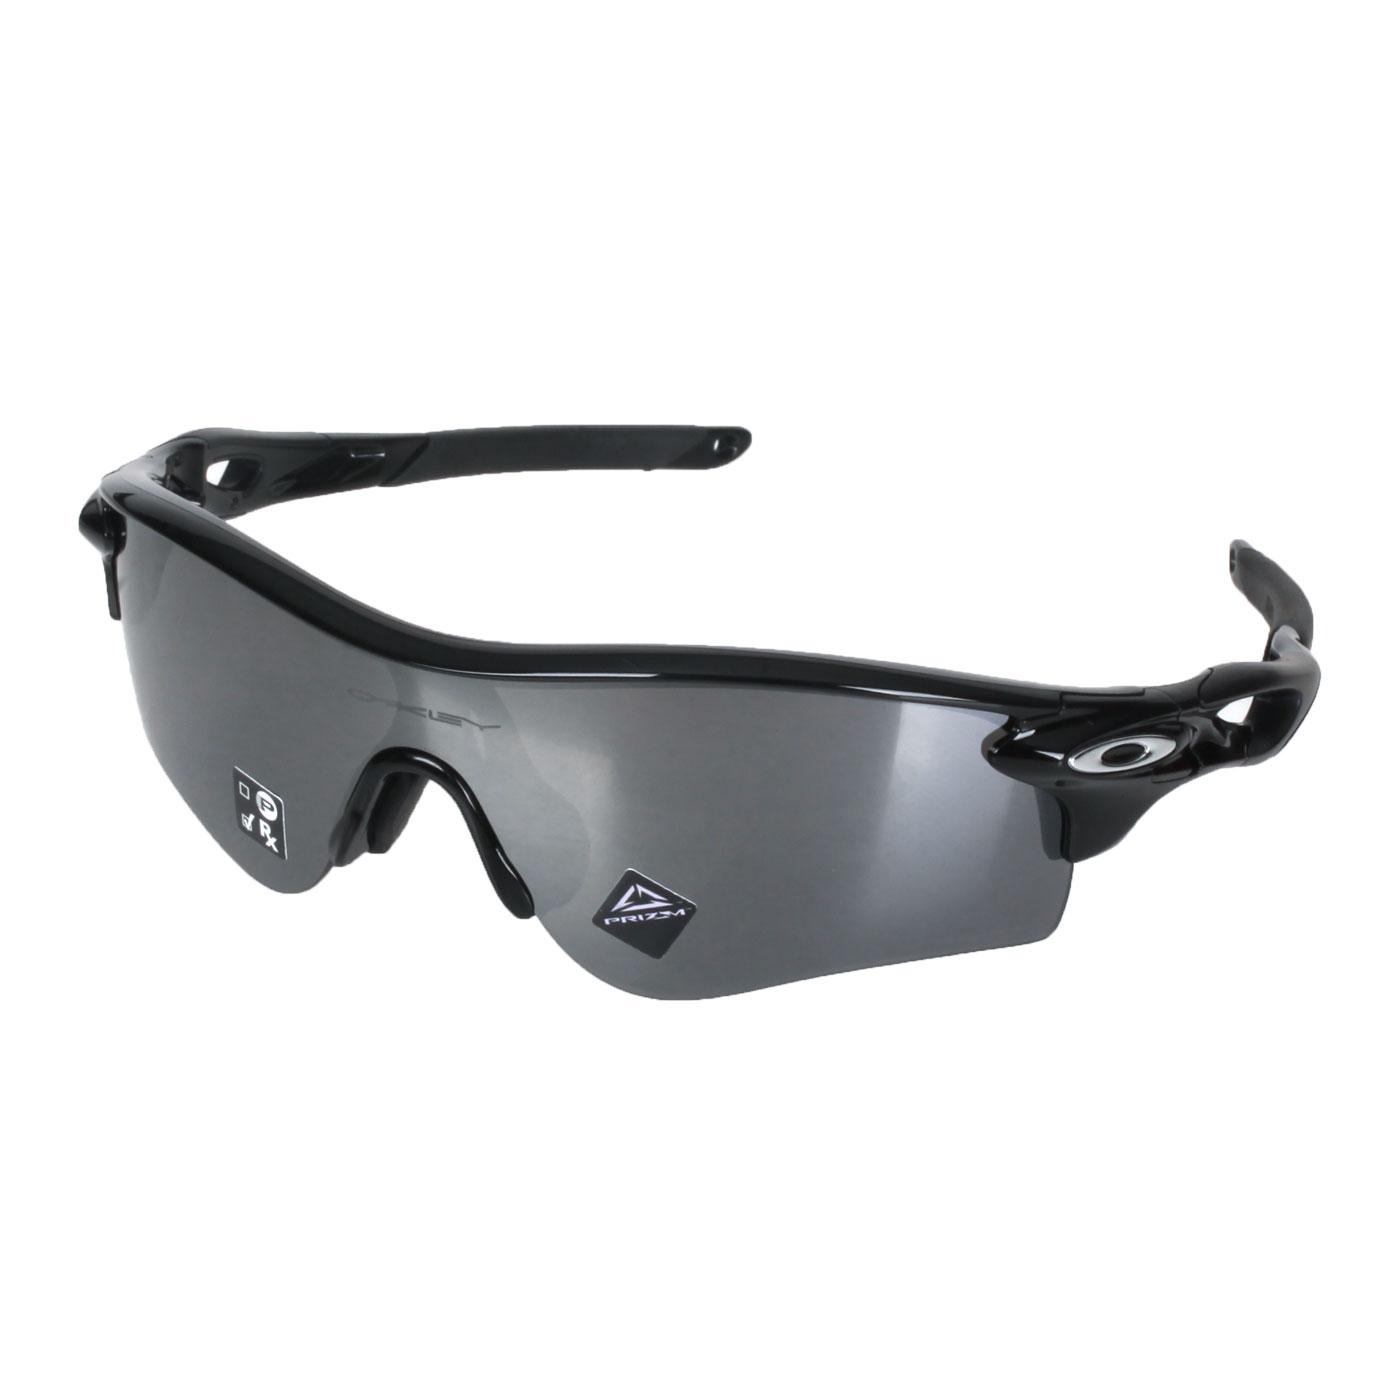 OAKLEY 一般太陽眼鏡(附硬盒鼻墊) OAK-OO9206-4138 - 黑銀